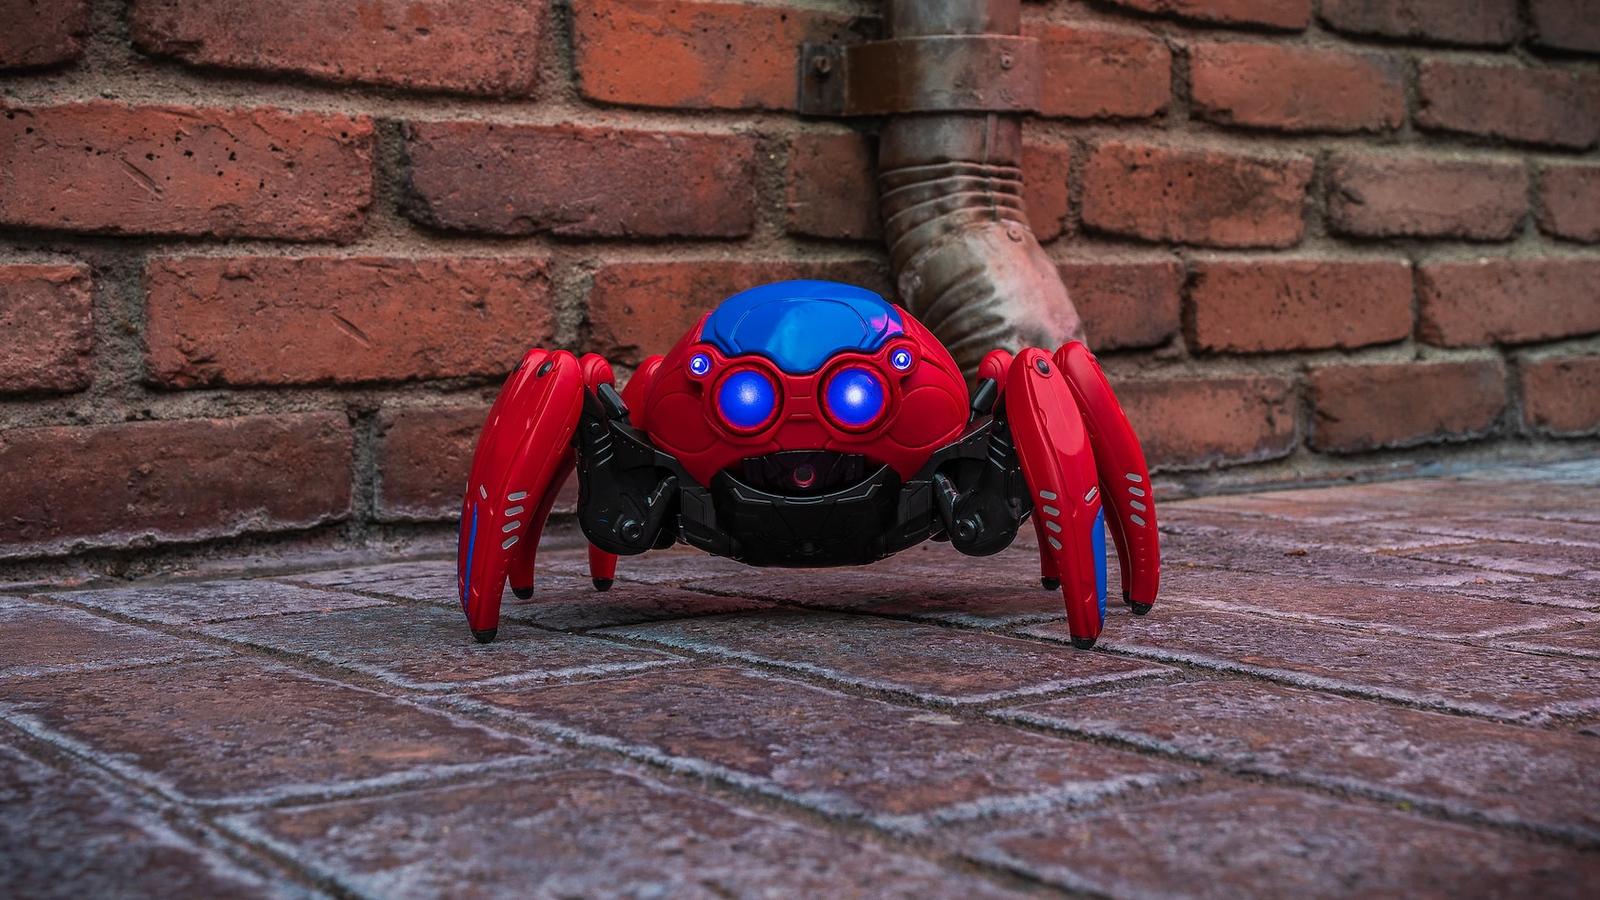 spiderbot-avengers campus disney california adventure